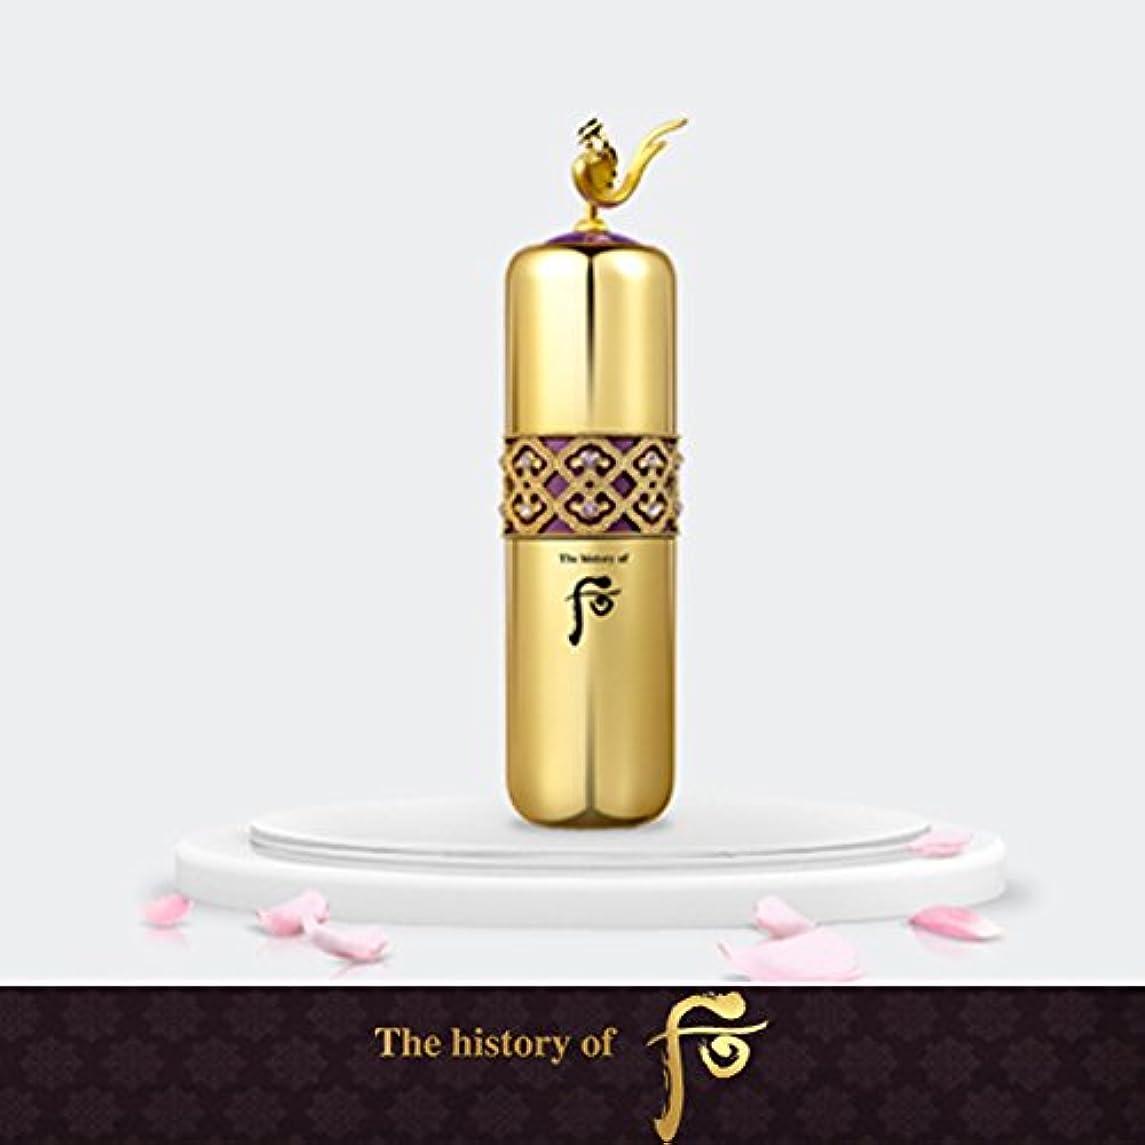 の前で純粋にアマチュア【フー/The history of whoo] Whoo后 Hwanyu Signature Ampoule/后(フー)よりヒストリー?オブ?後環留保額アンプル40ml+[Sample Gift](海外直送品)